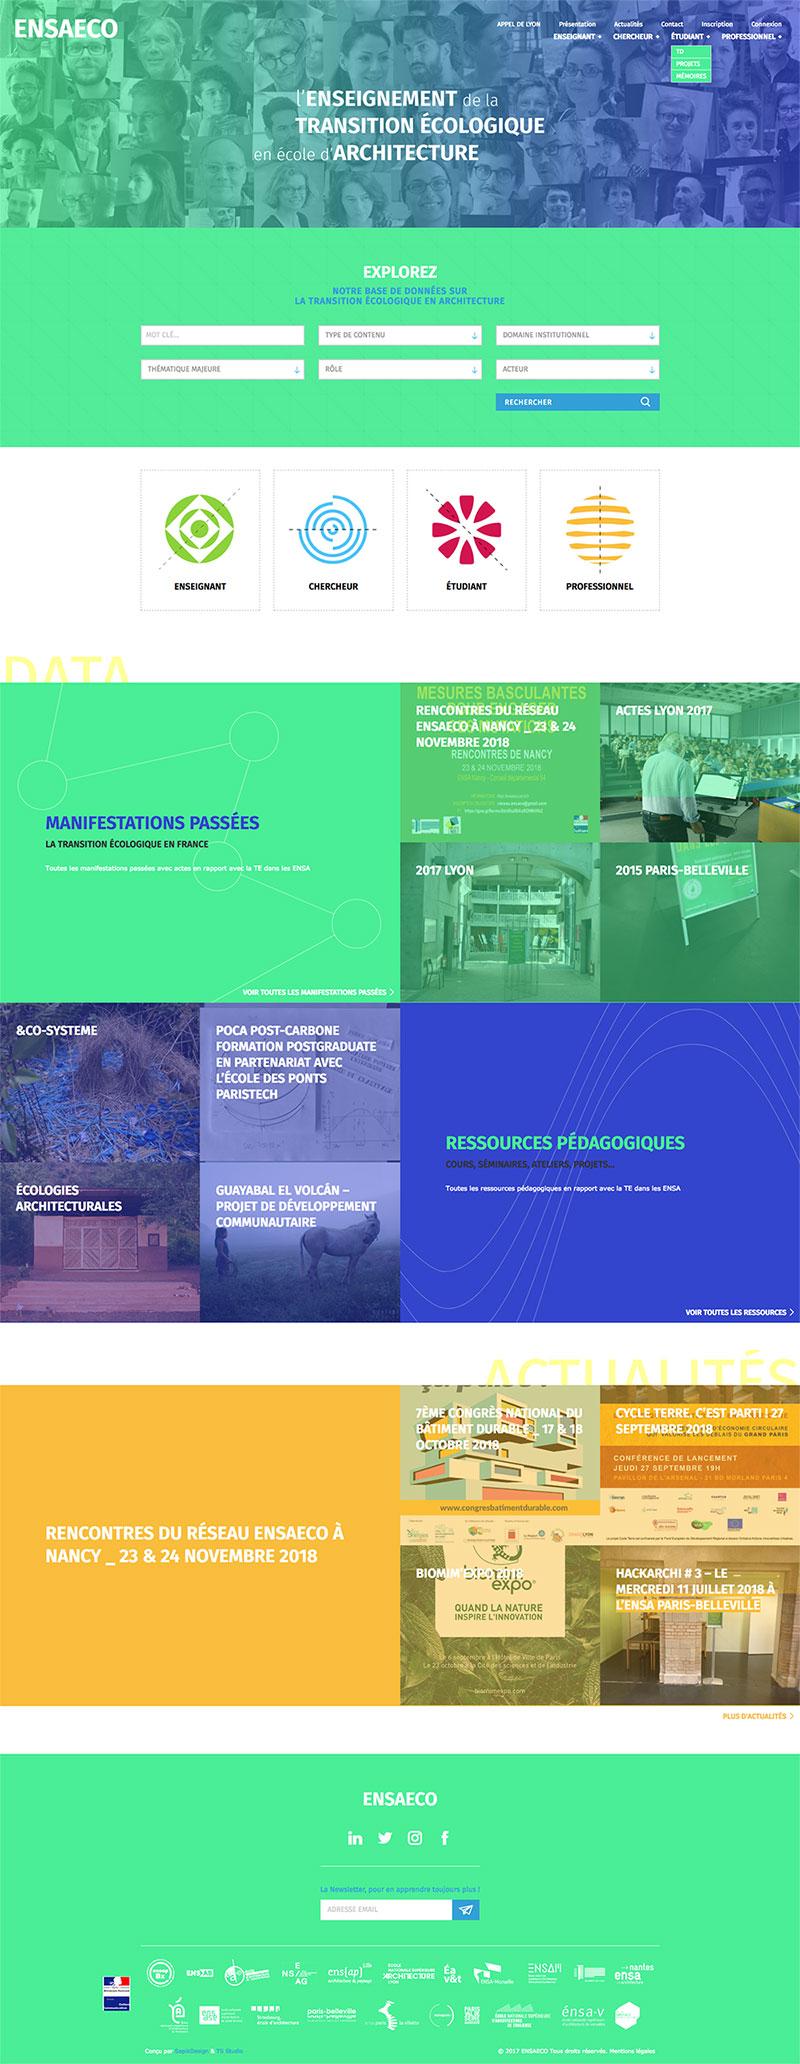 Page d'accueil du site ENSAECO